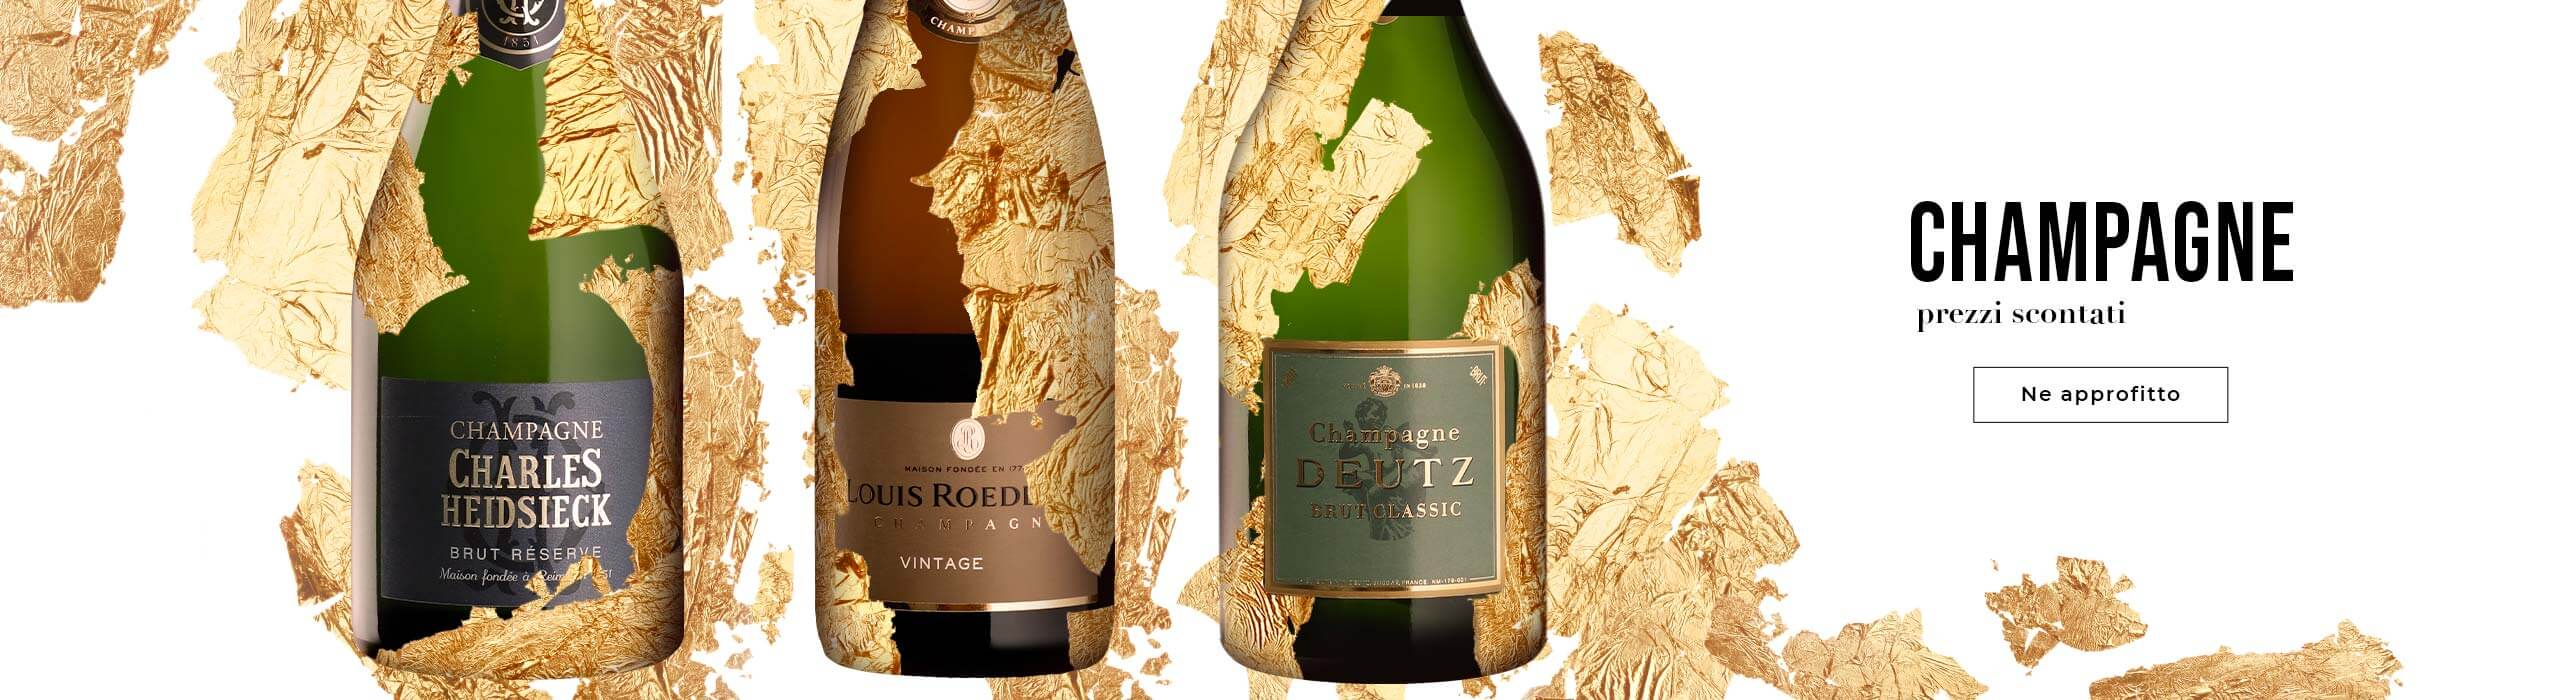 Champagne a prezzi leggeri